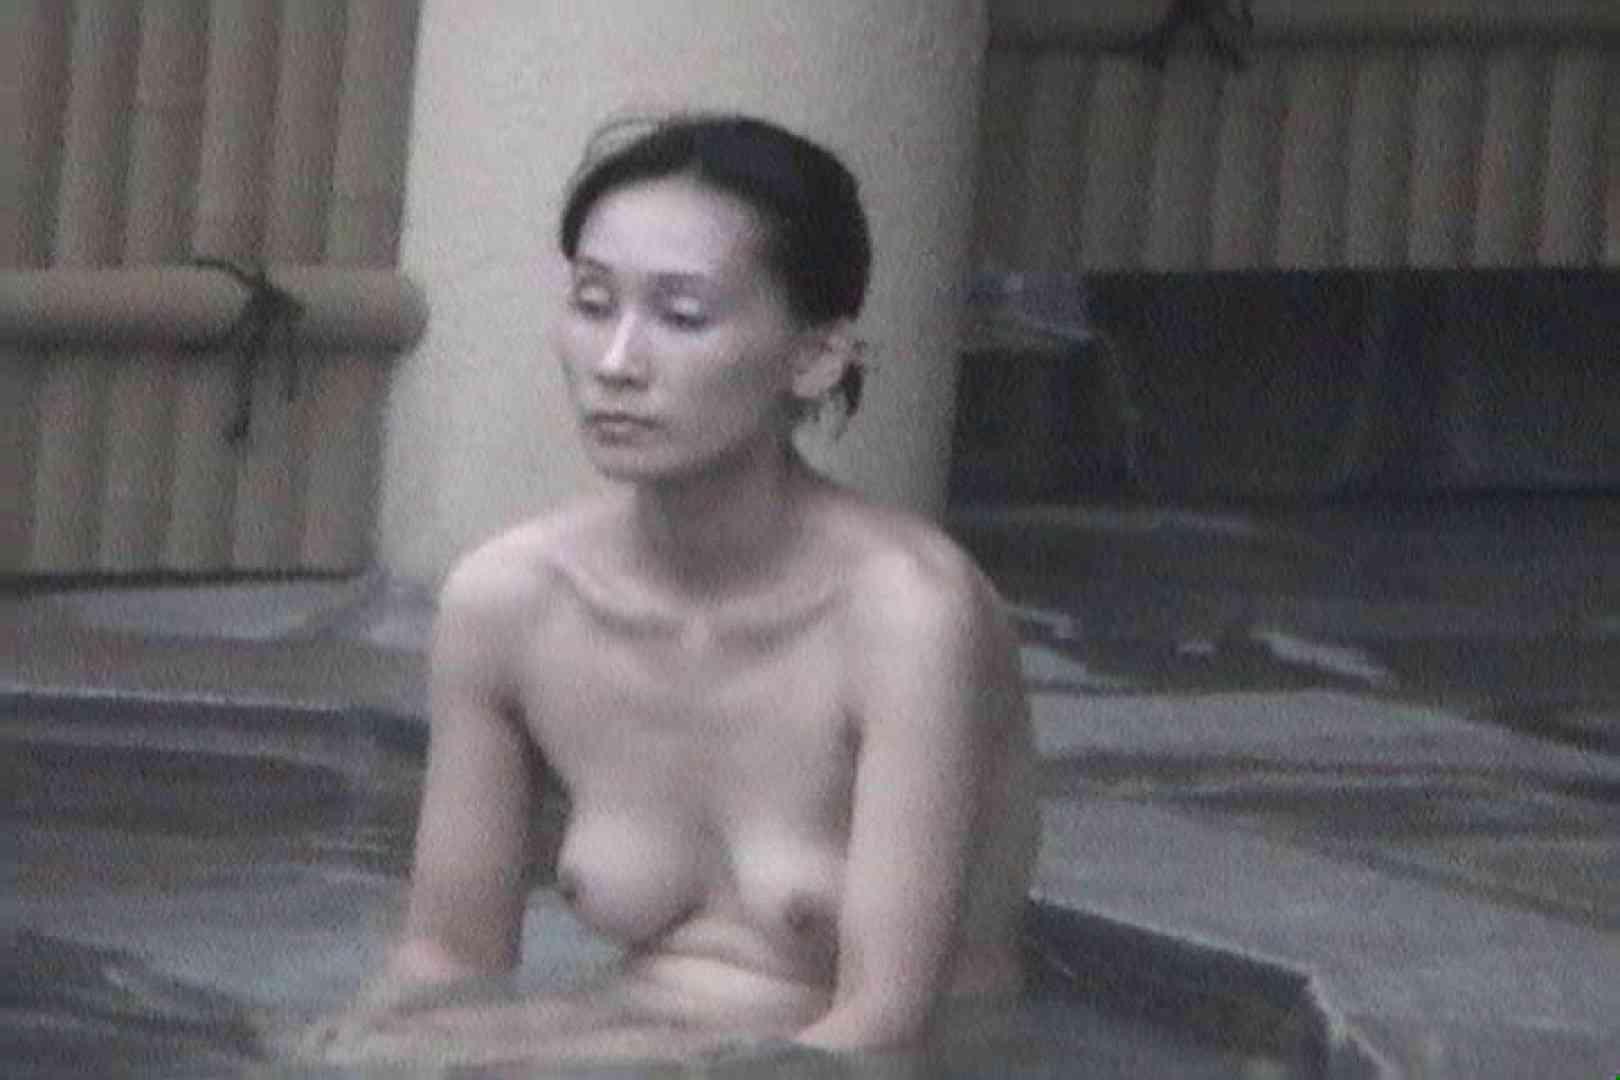 Aquaな露天風呂Vol.557 綺麗なOLたち | 盗撮  78枚 16